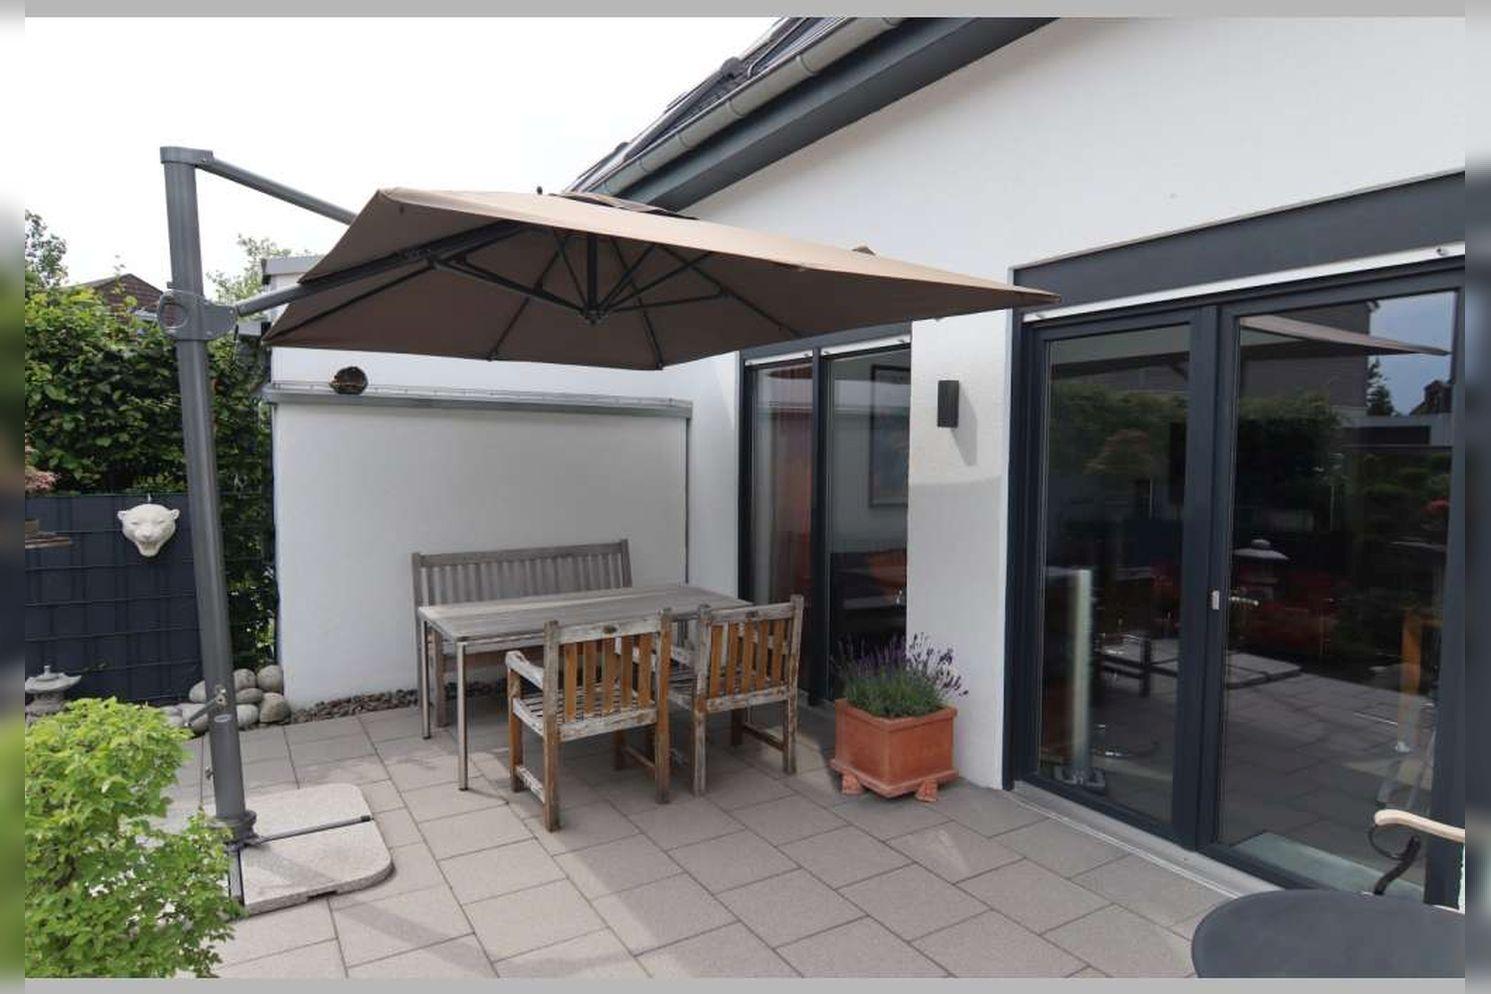 Immobilie Nr.0267 - Doppelhaushälfte mit 4 Zimmern, Küche, Diele, Badzimmer, Gäste-WC, Garten und Garage - nicht unterkellert - Bild 5.jpg